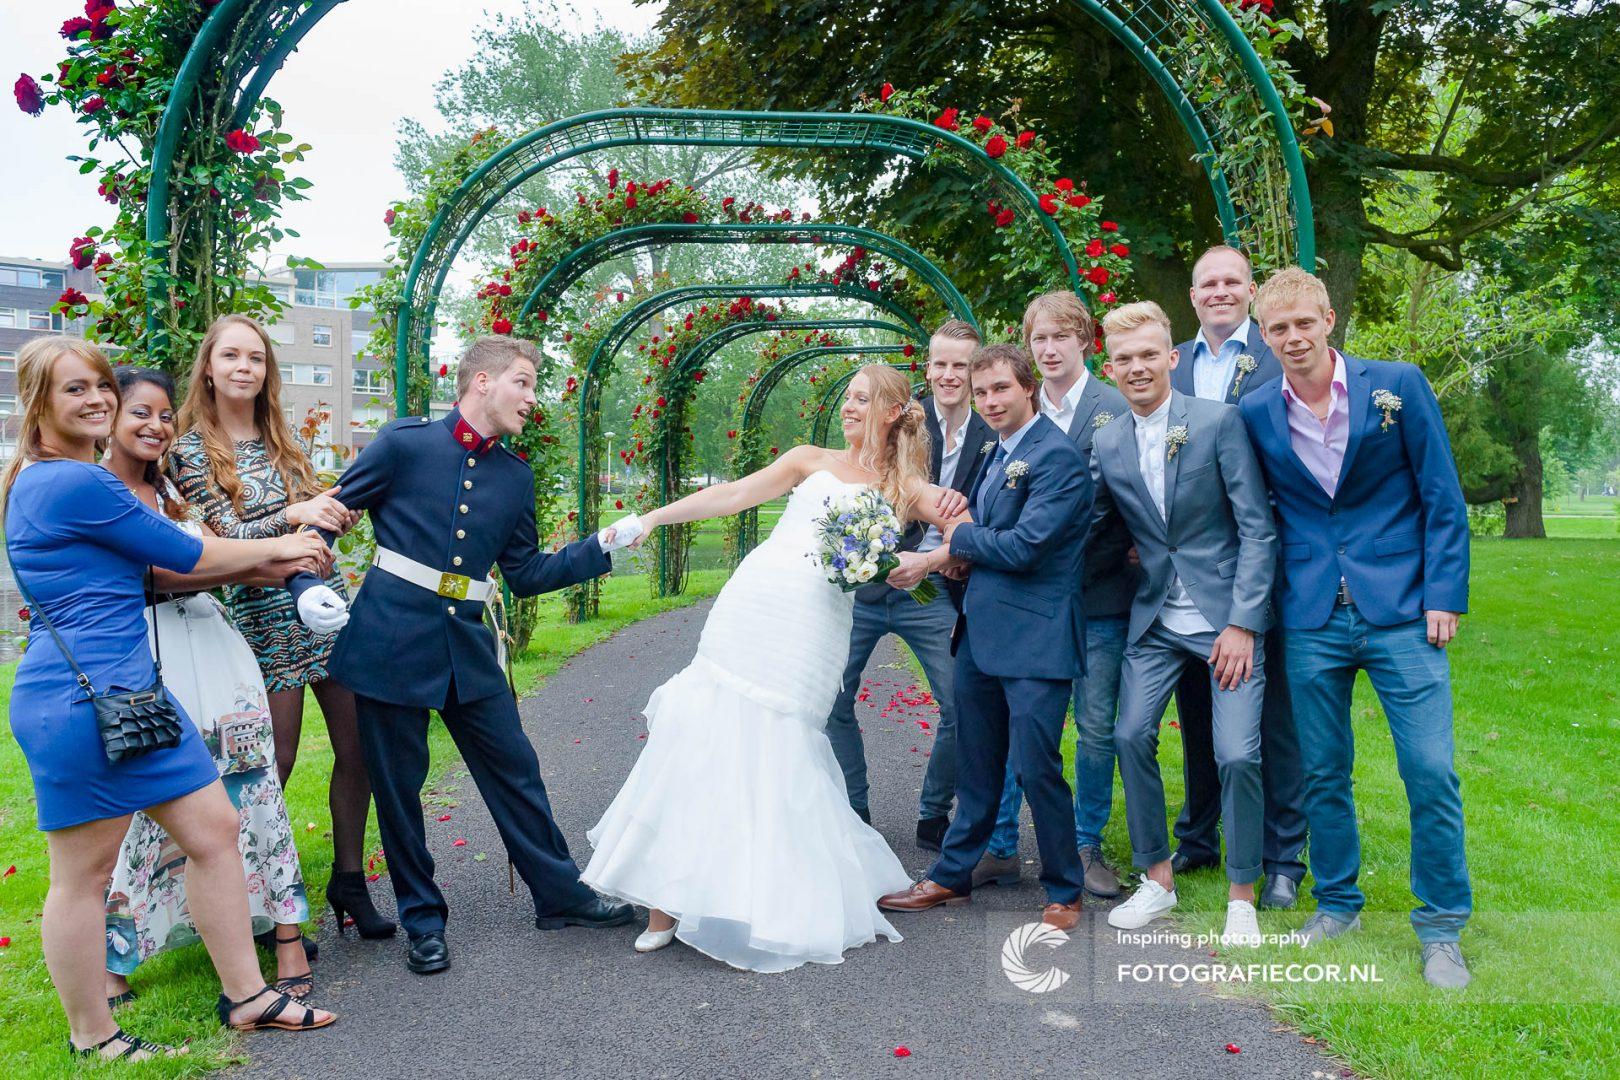 familieportret | trouwreportage | huwelijk | fotograaf | foto | locatie | Trouwen